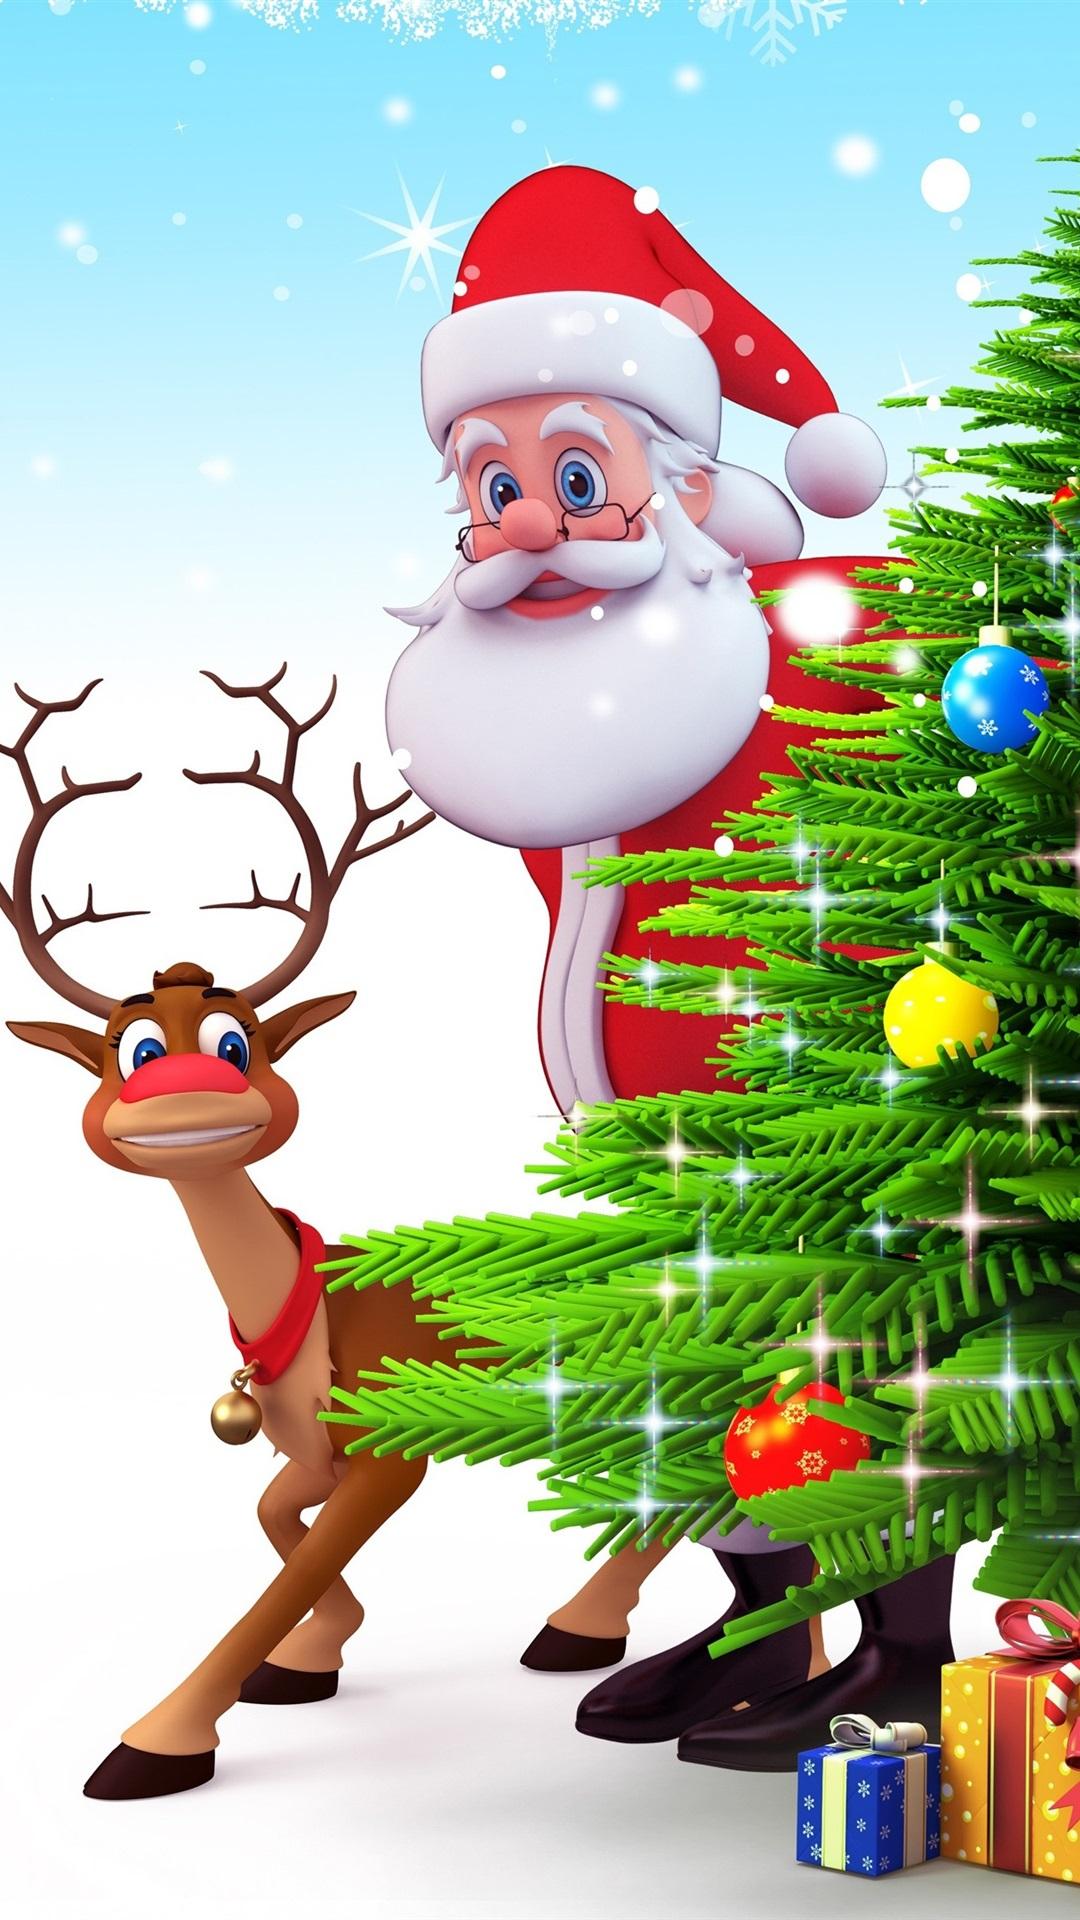 壁紙 サンタクロース クリスマスツリー 鹿 プレゼント 3dアート写真 3840x2160 Uhd 4k 無料のデスクトップの背景 画像